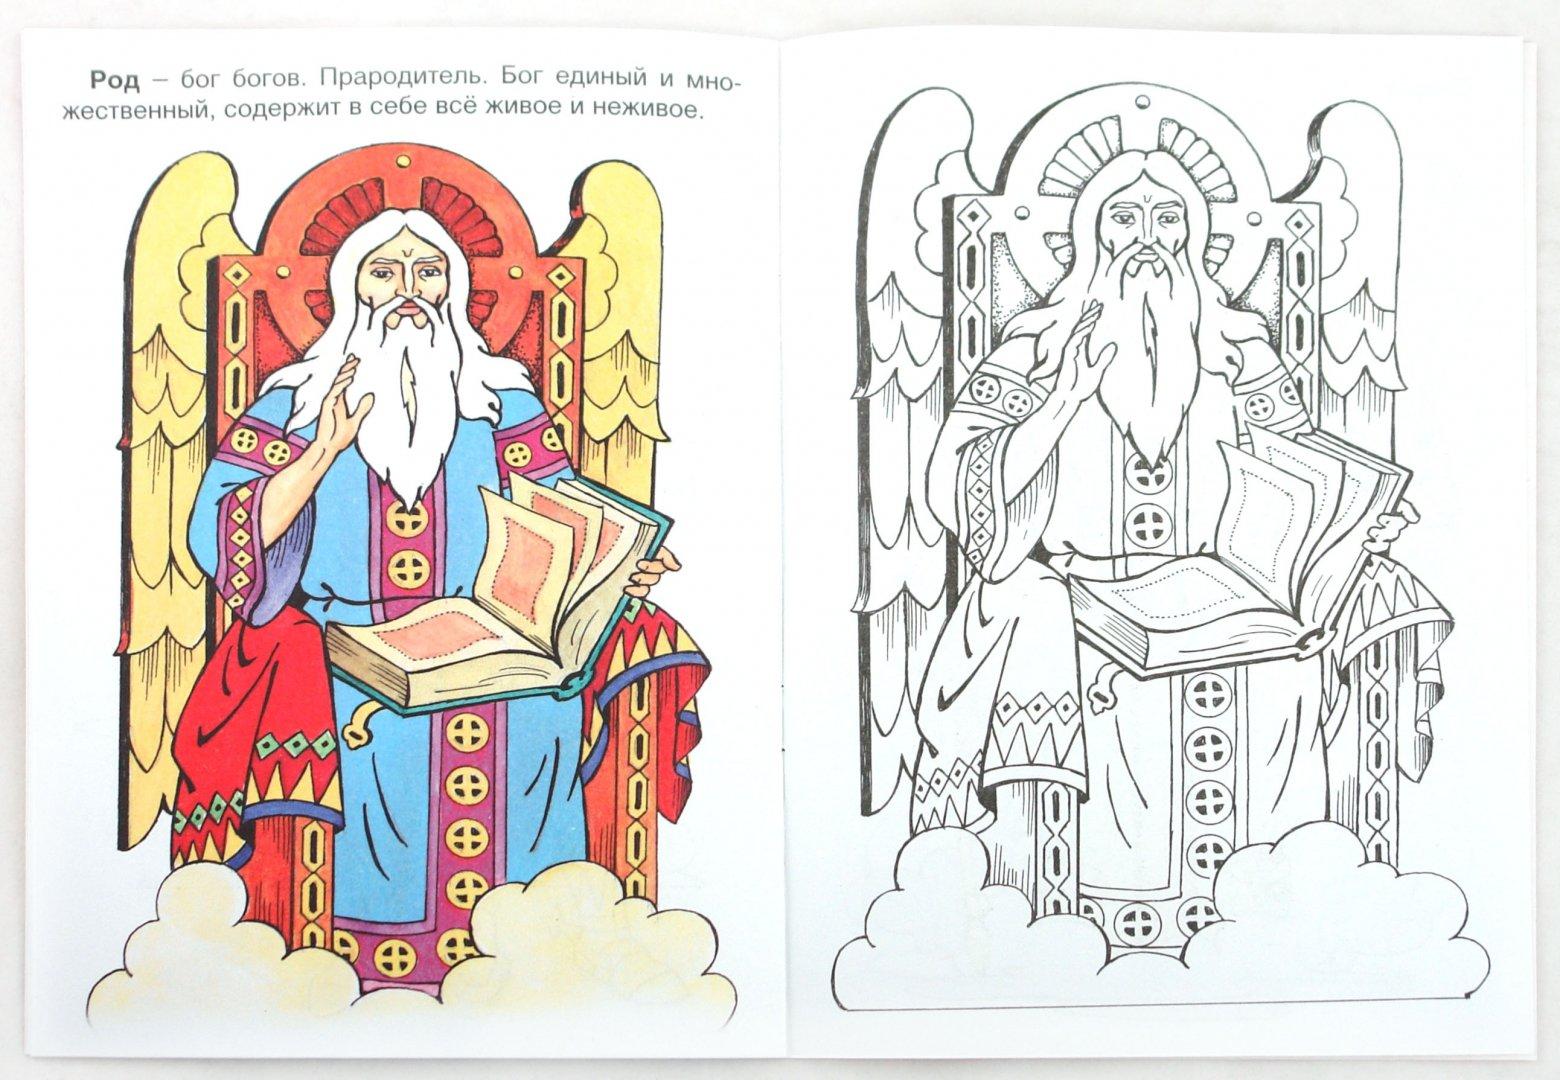 мифы древних славян картинки срисовать